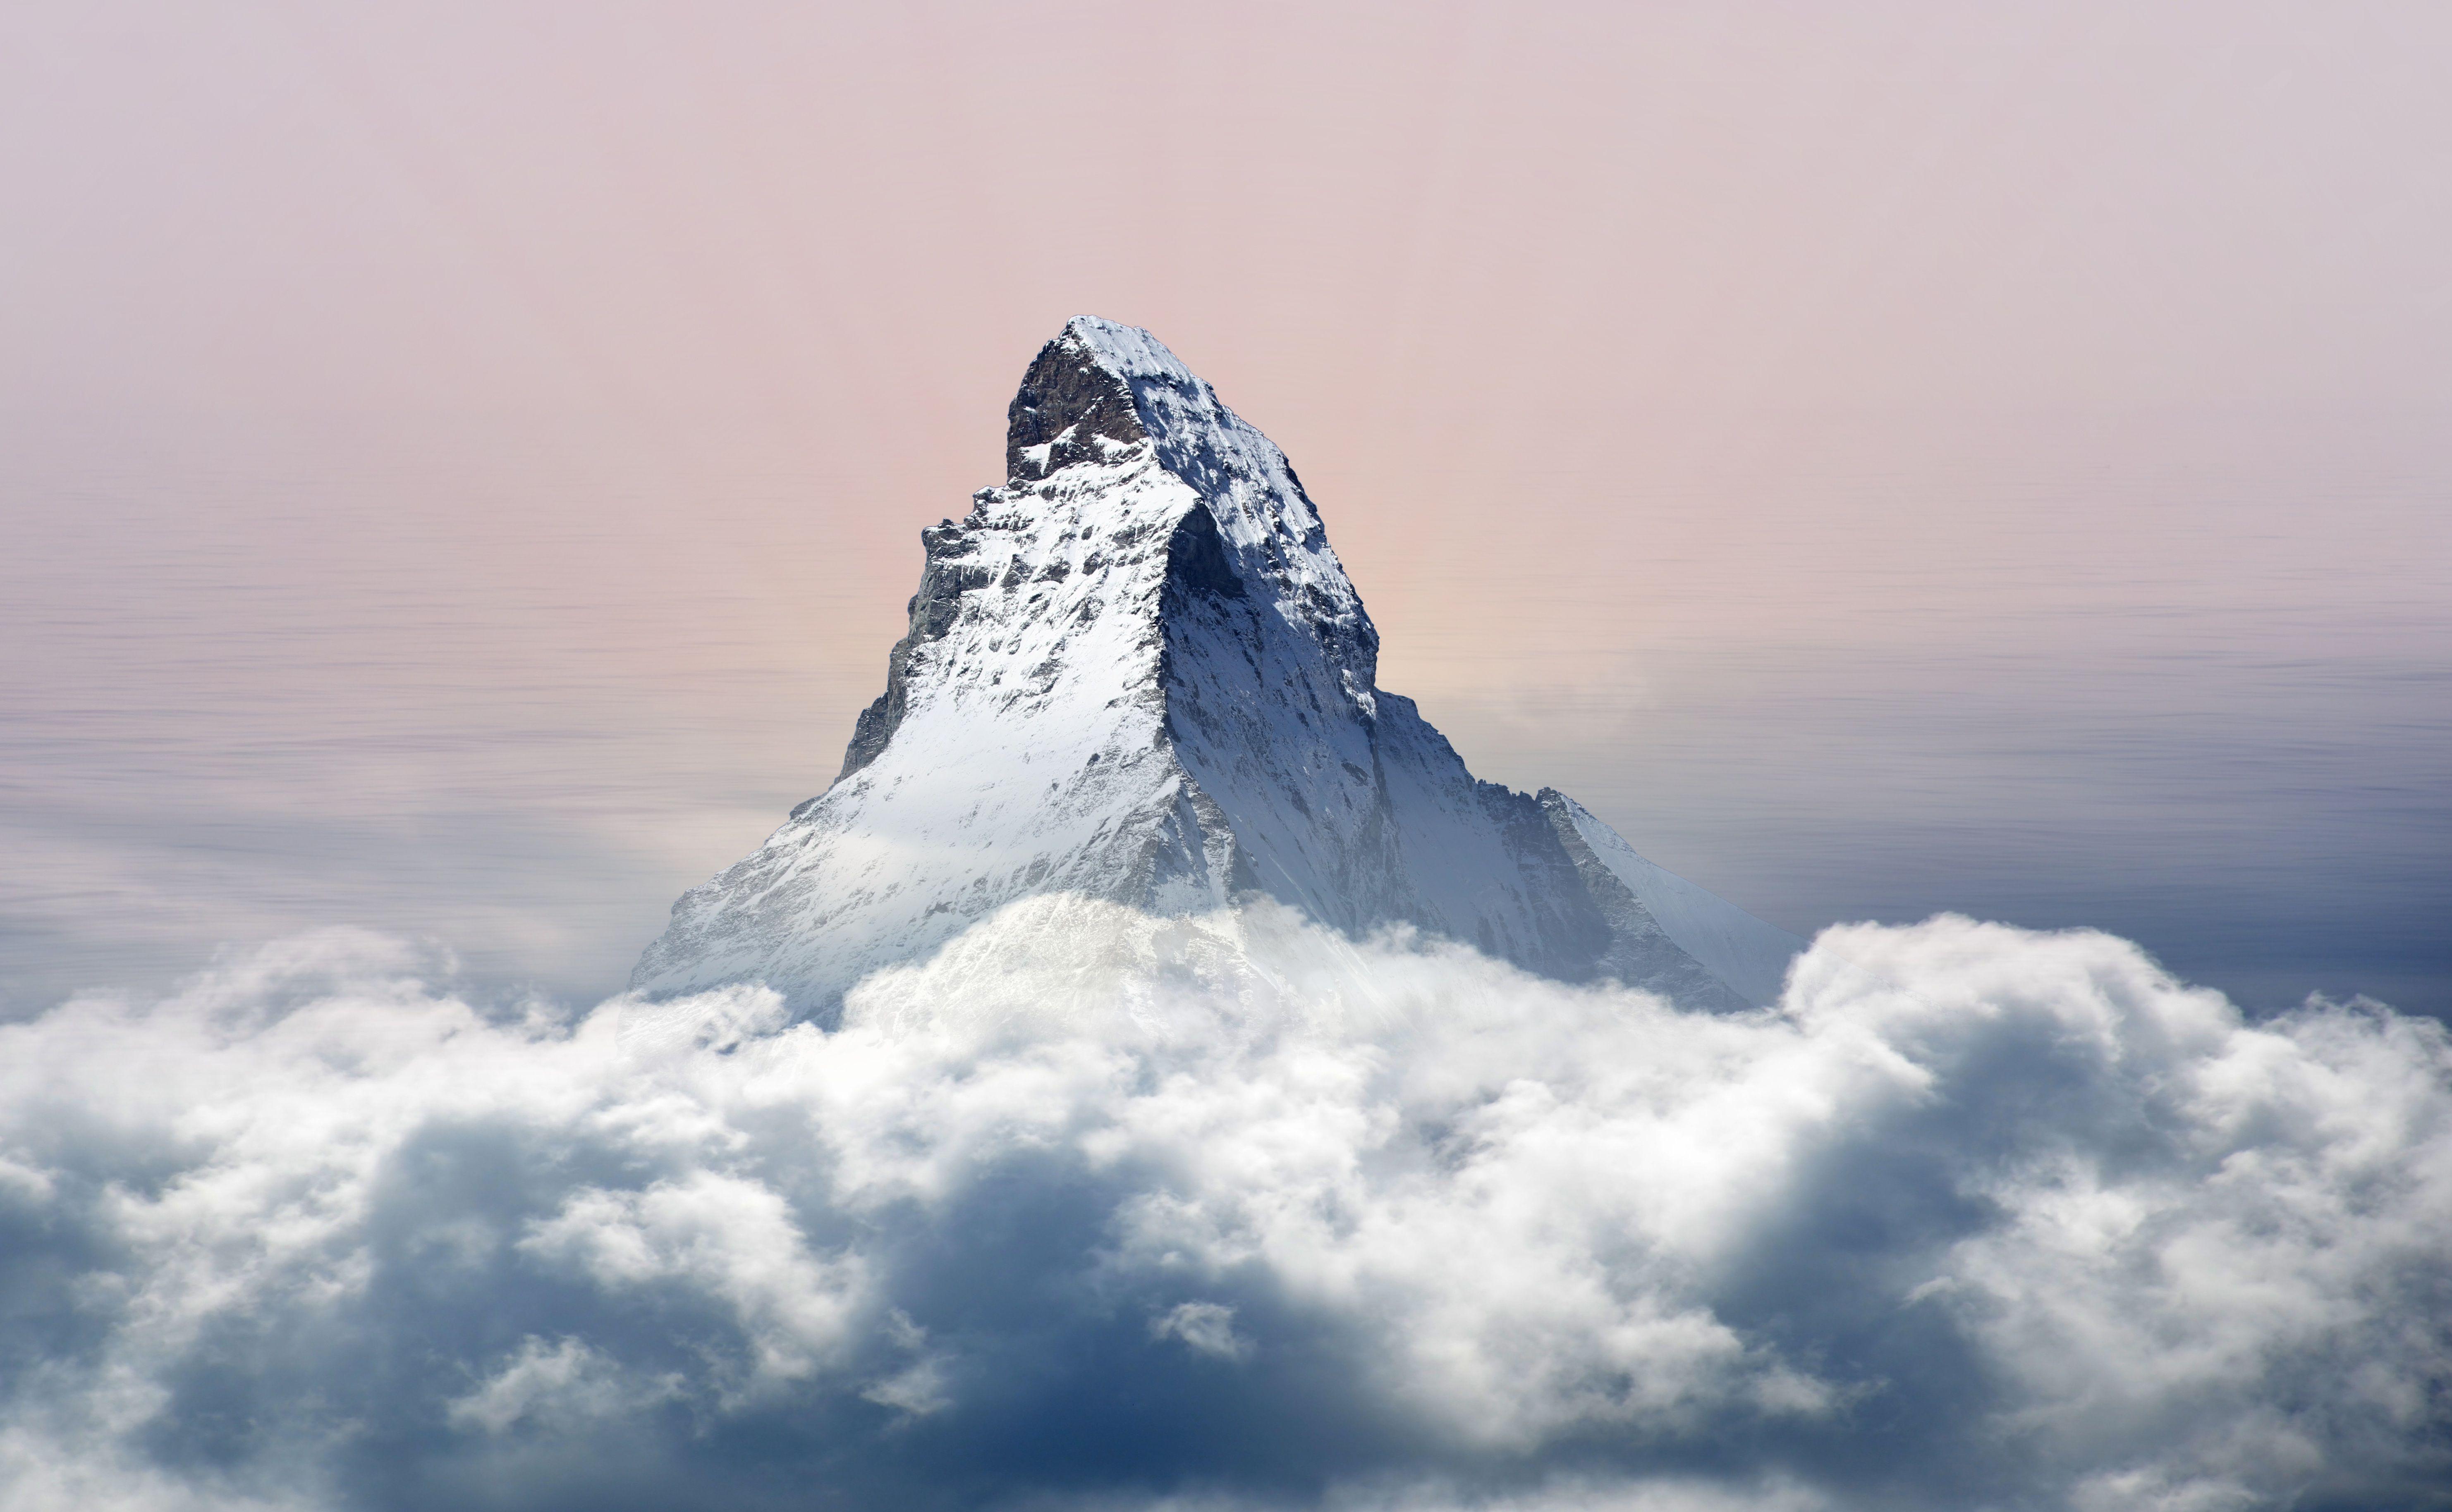 免費壁紙55529:性质, 山, 戈拉, 顶点, 云, 顶峰, 高峰, 雪覆盖, 白雪覆盖 下載手機圖片